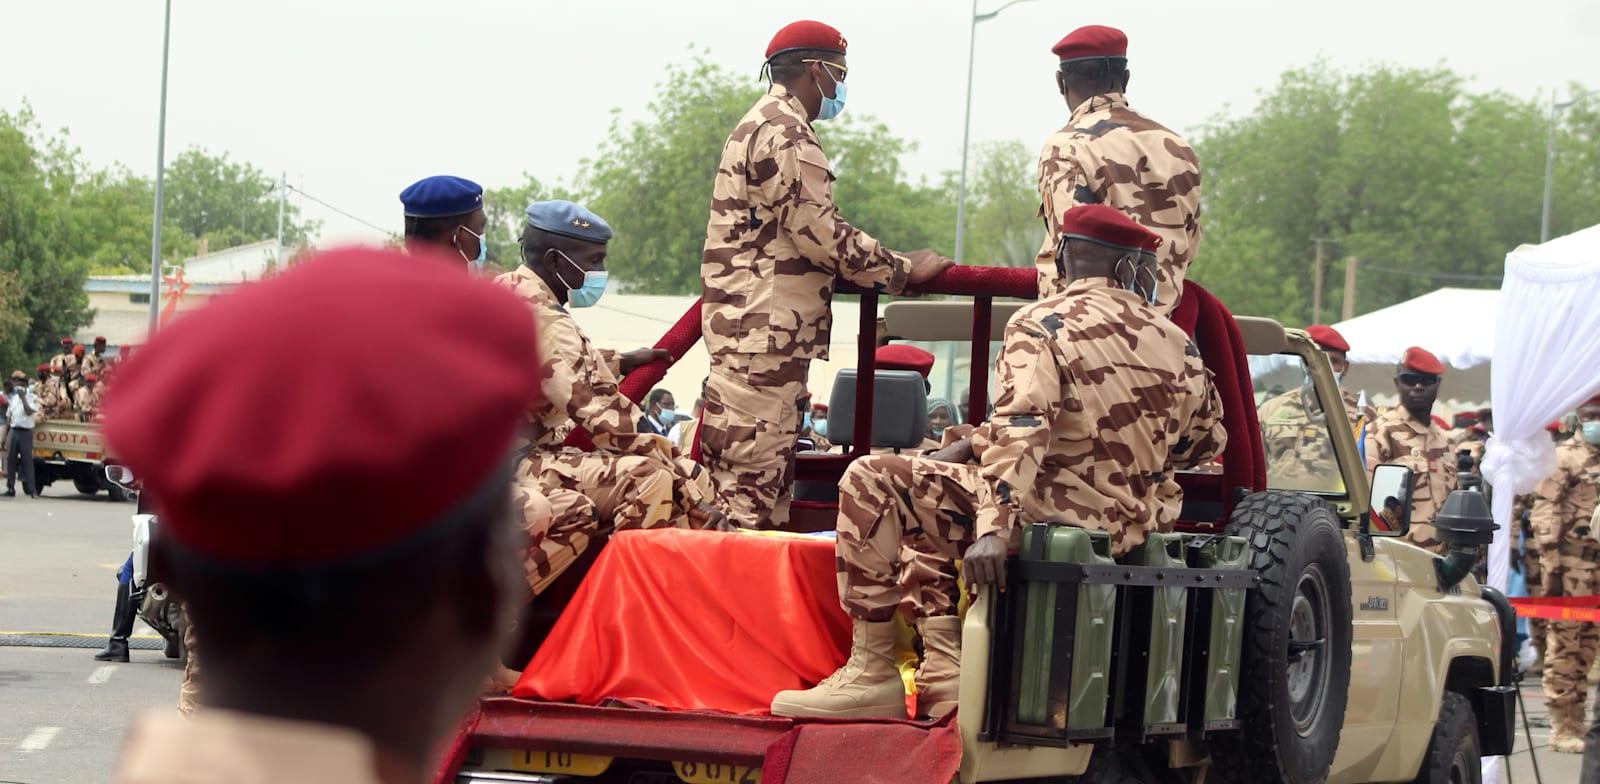 חיילים מובילים את ארונו של נשיא צ'אד המנוח אידריס דבי במהלך הלווייתו הממלכתית בבירה נג'מנה / צילום: Reuters, Oredje Narcisse